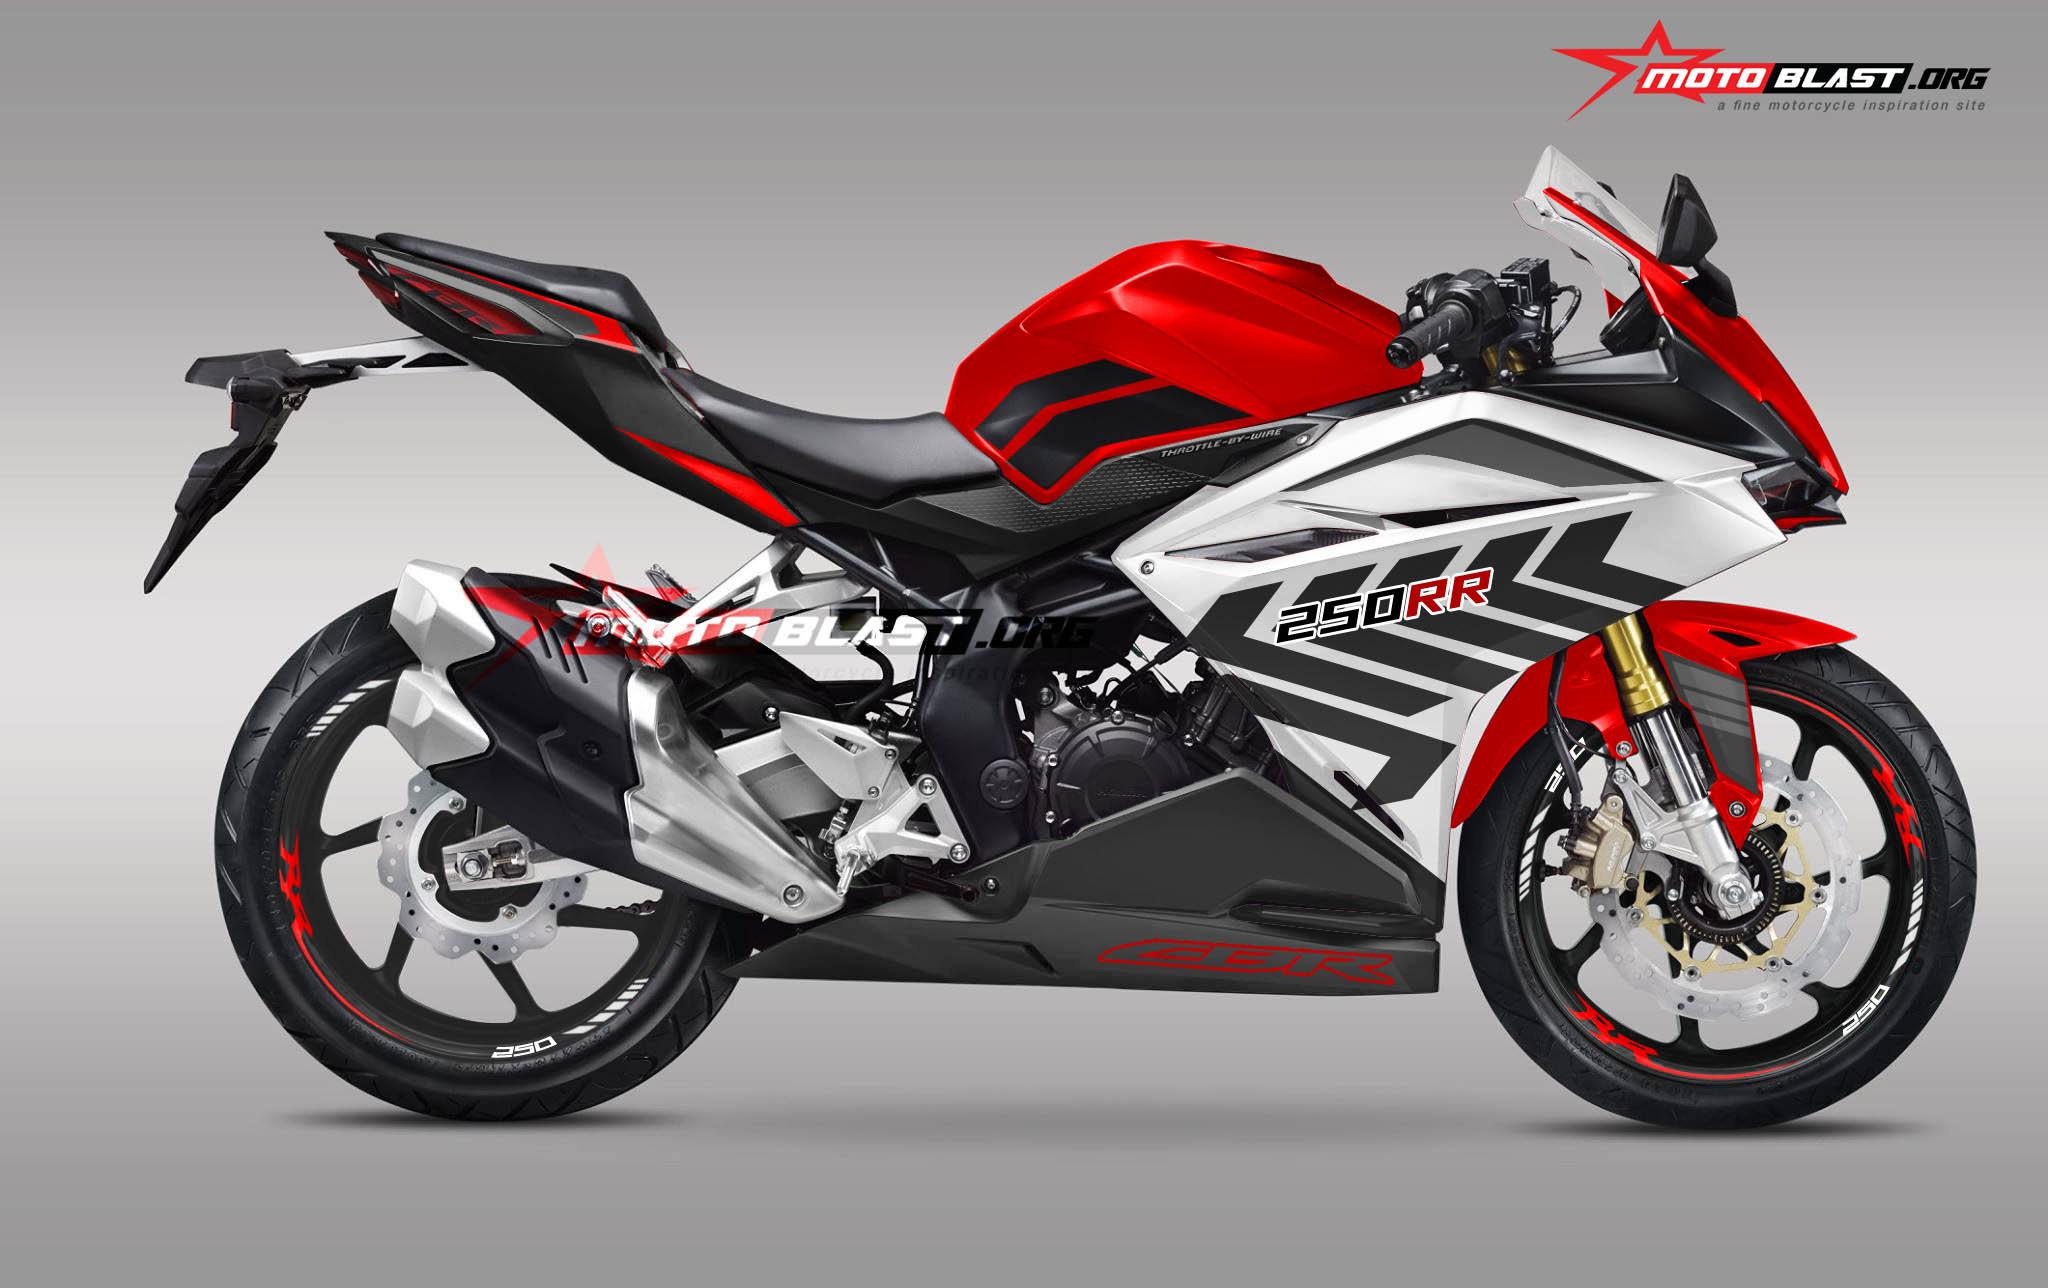 Modifikasi Striping Honda CBR250RR RWB Style MOTOBLAST